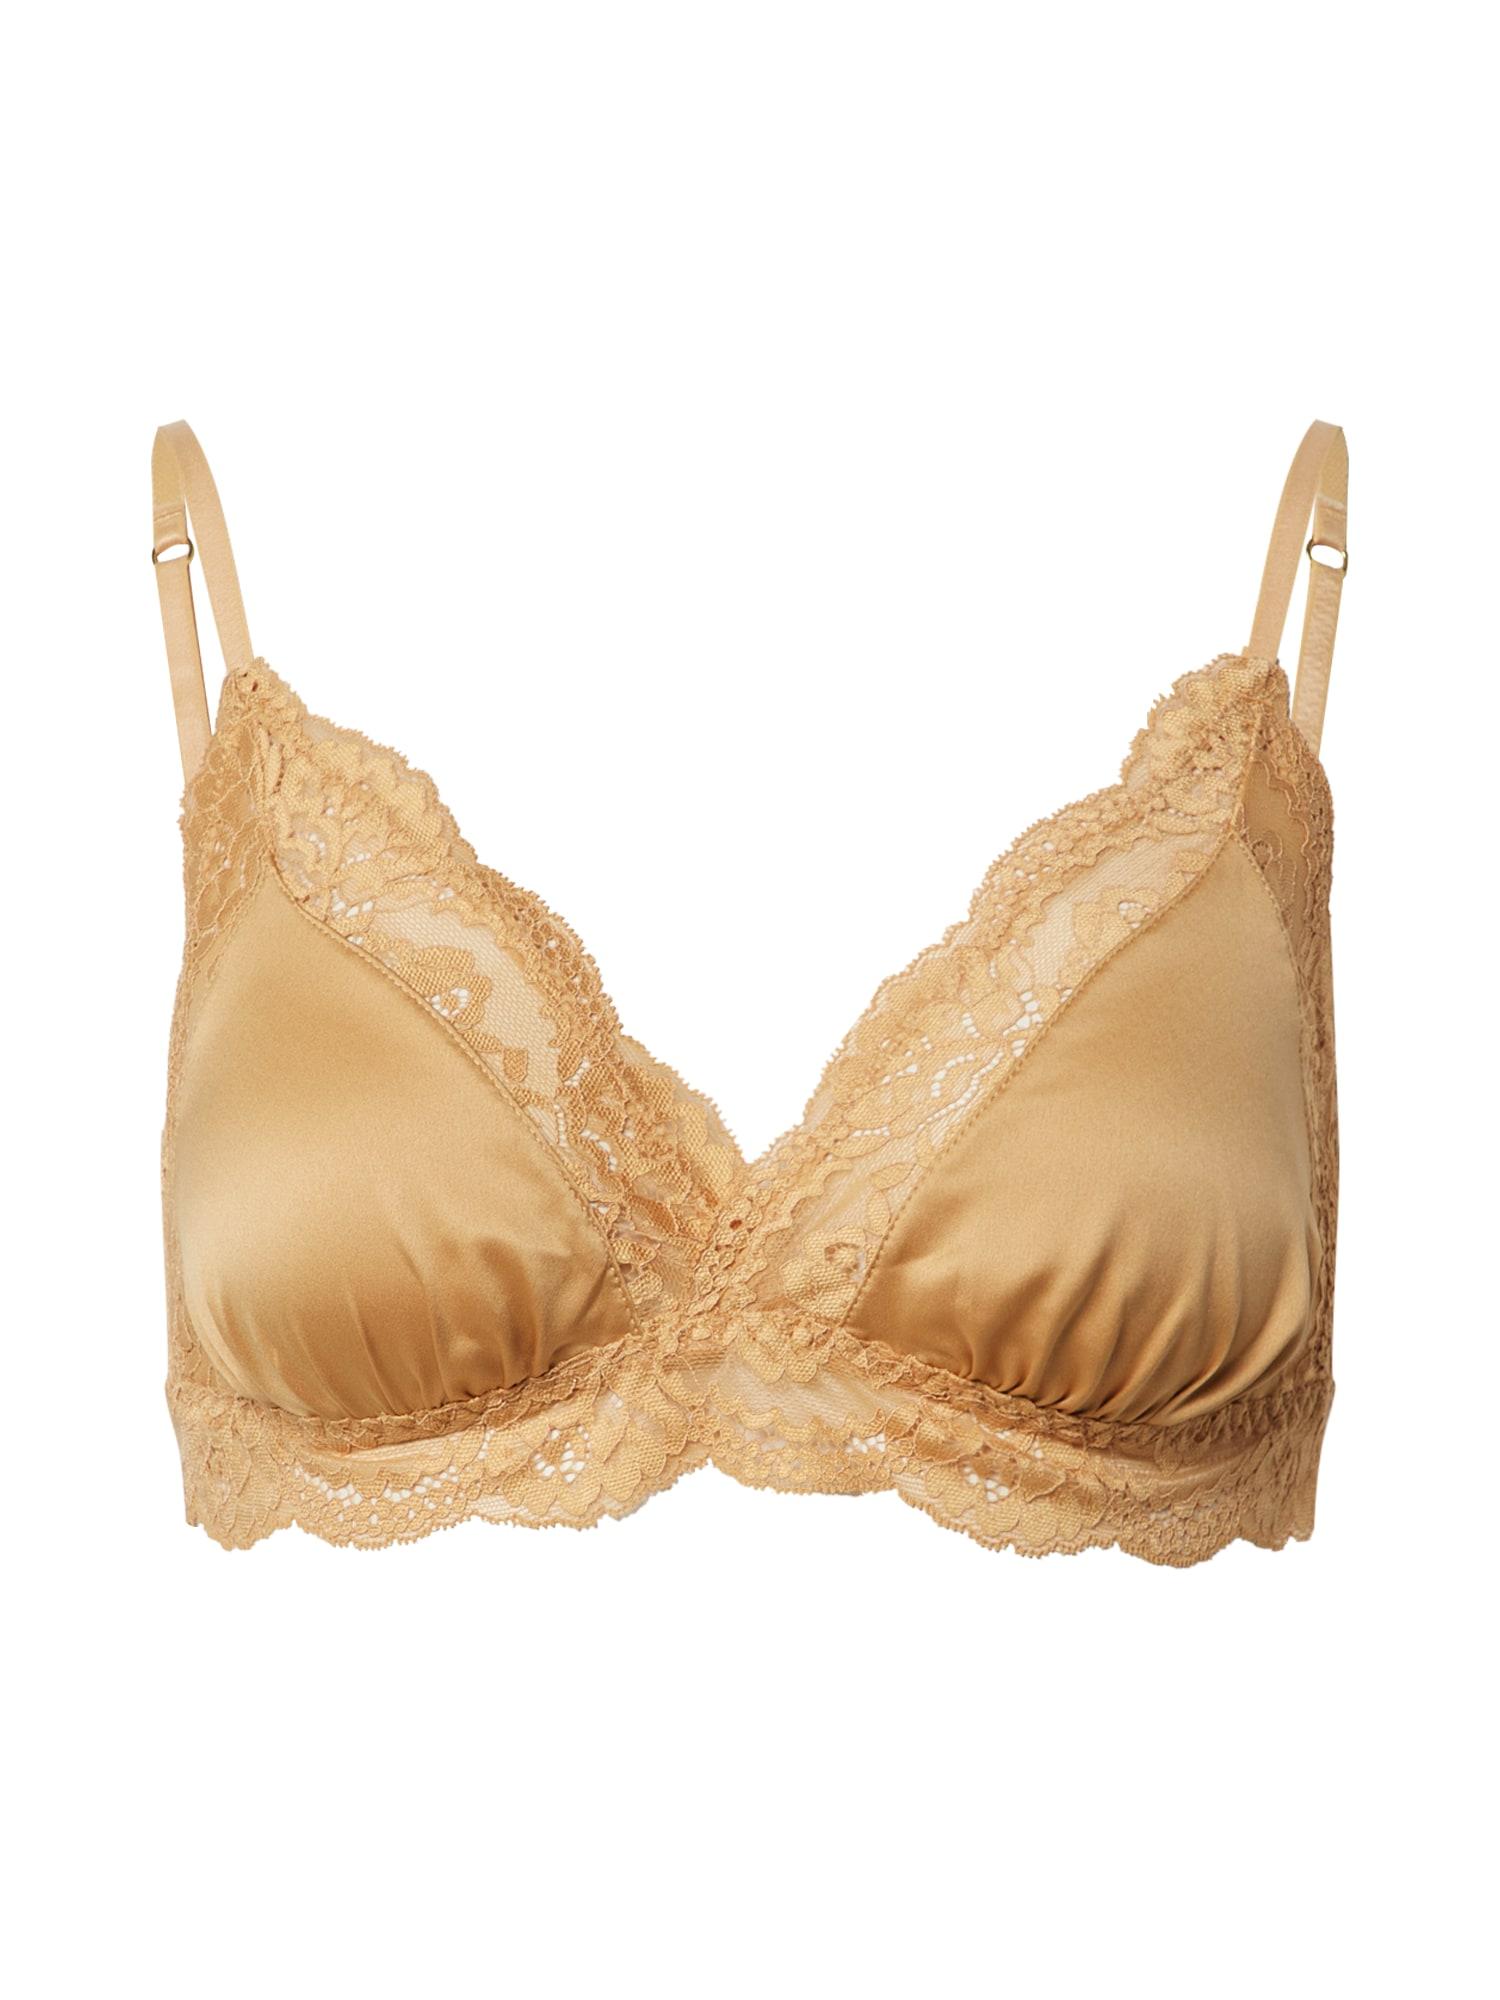 Icone Lingerie Liemenėlė 'JADE' aukso geltonumo spalva